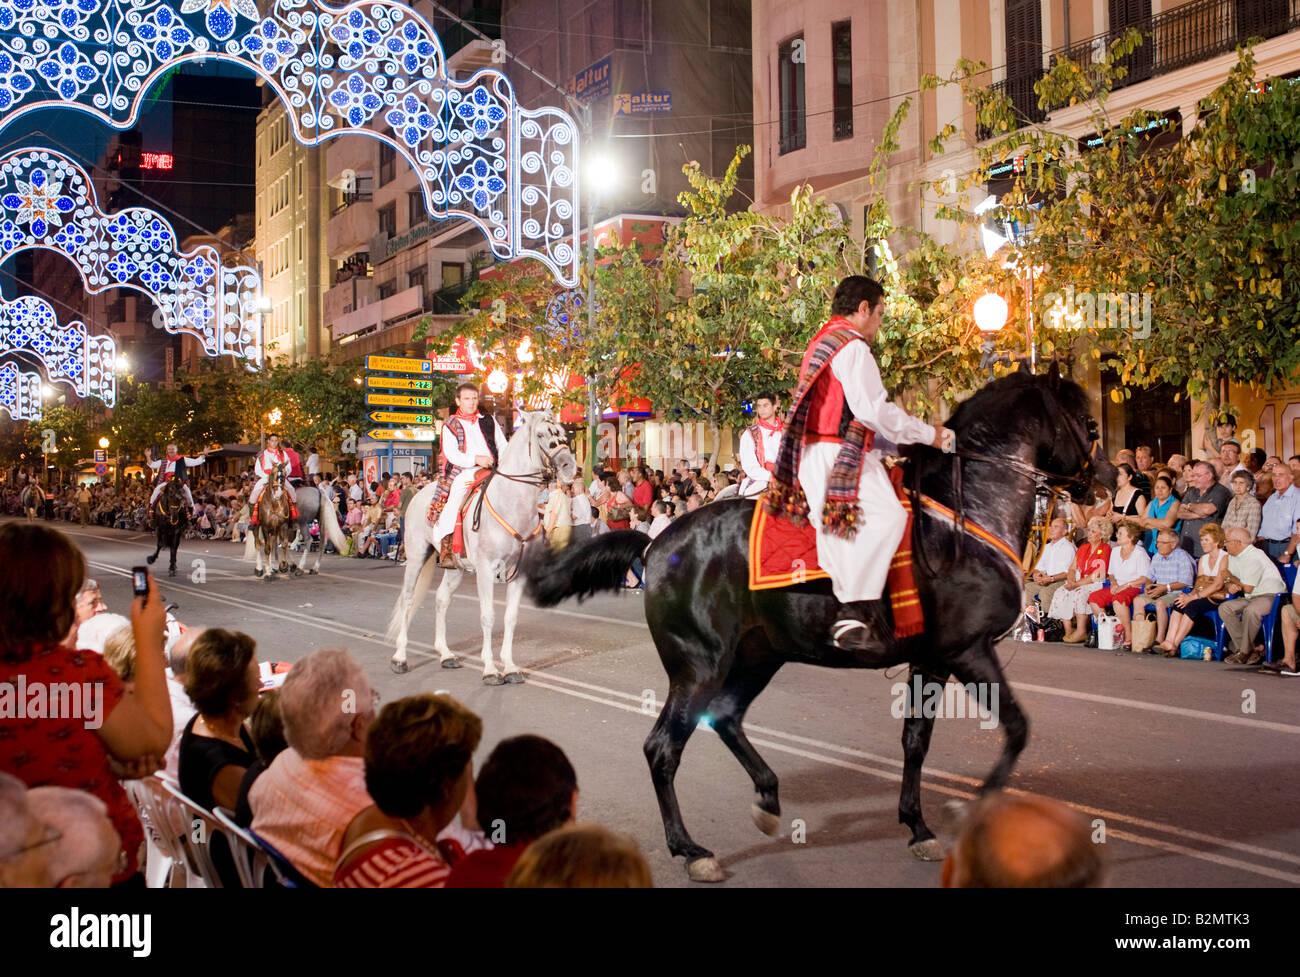 Costa Blanca Spain Alicante Fogueres de San Juan summer fiesta horse riding display - Stock Image